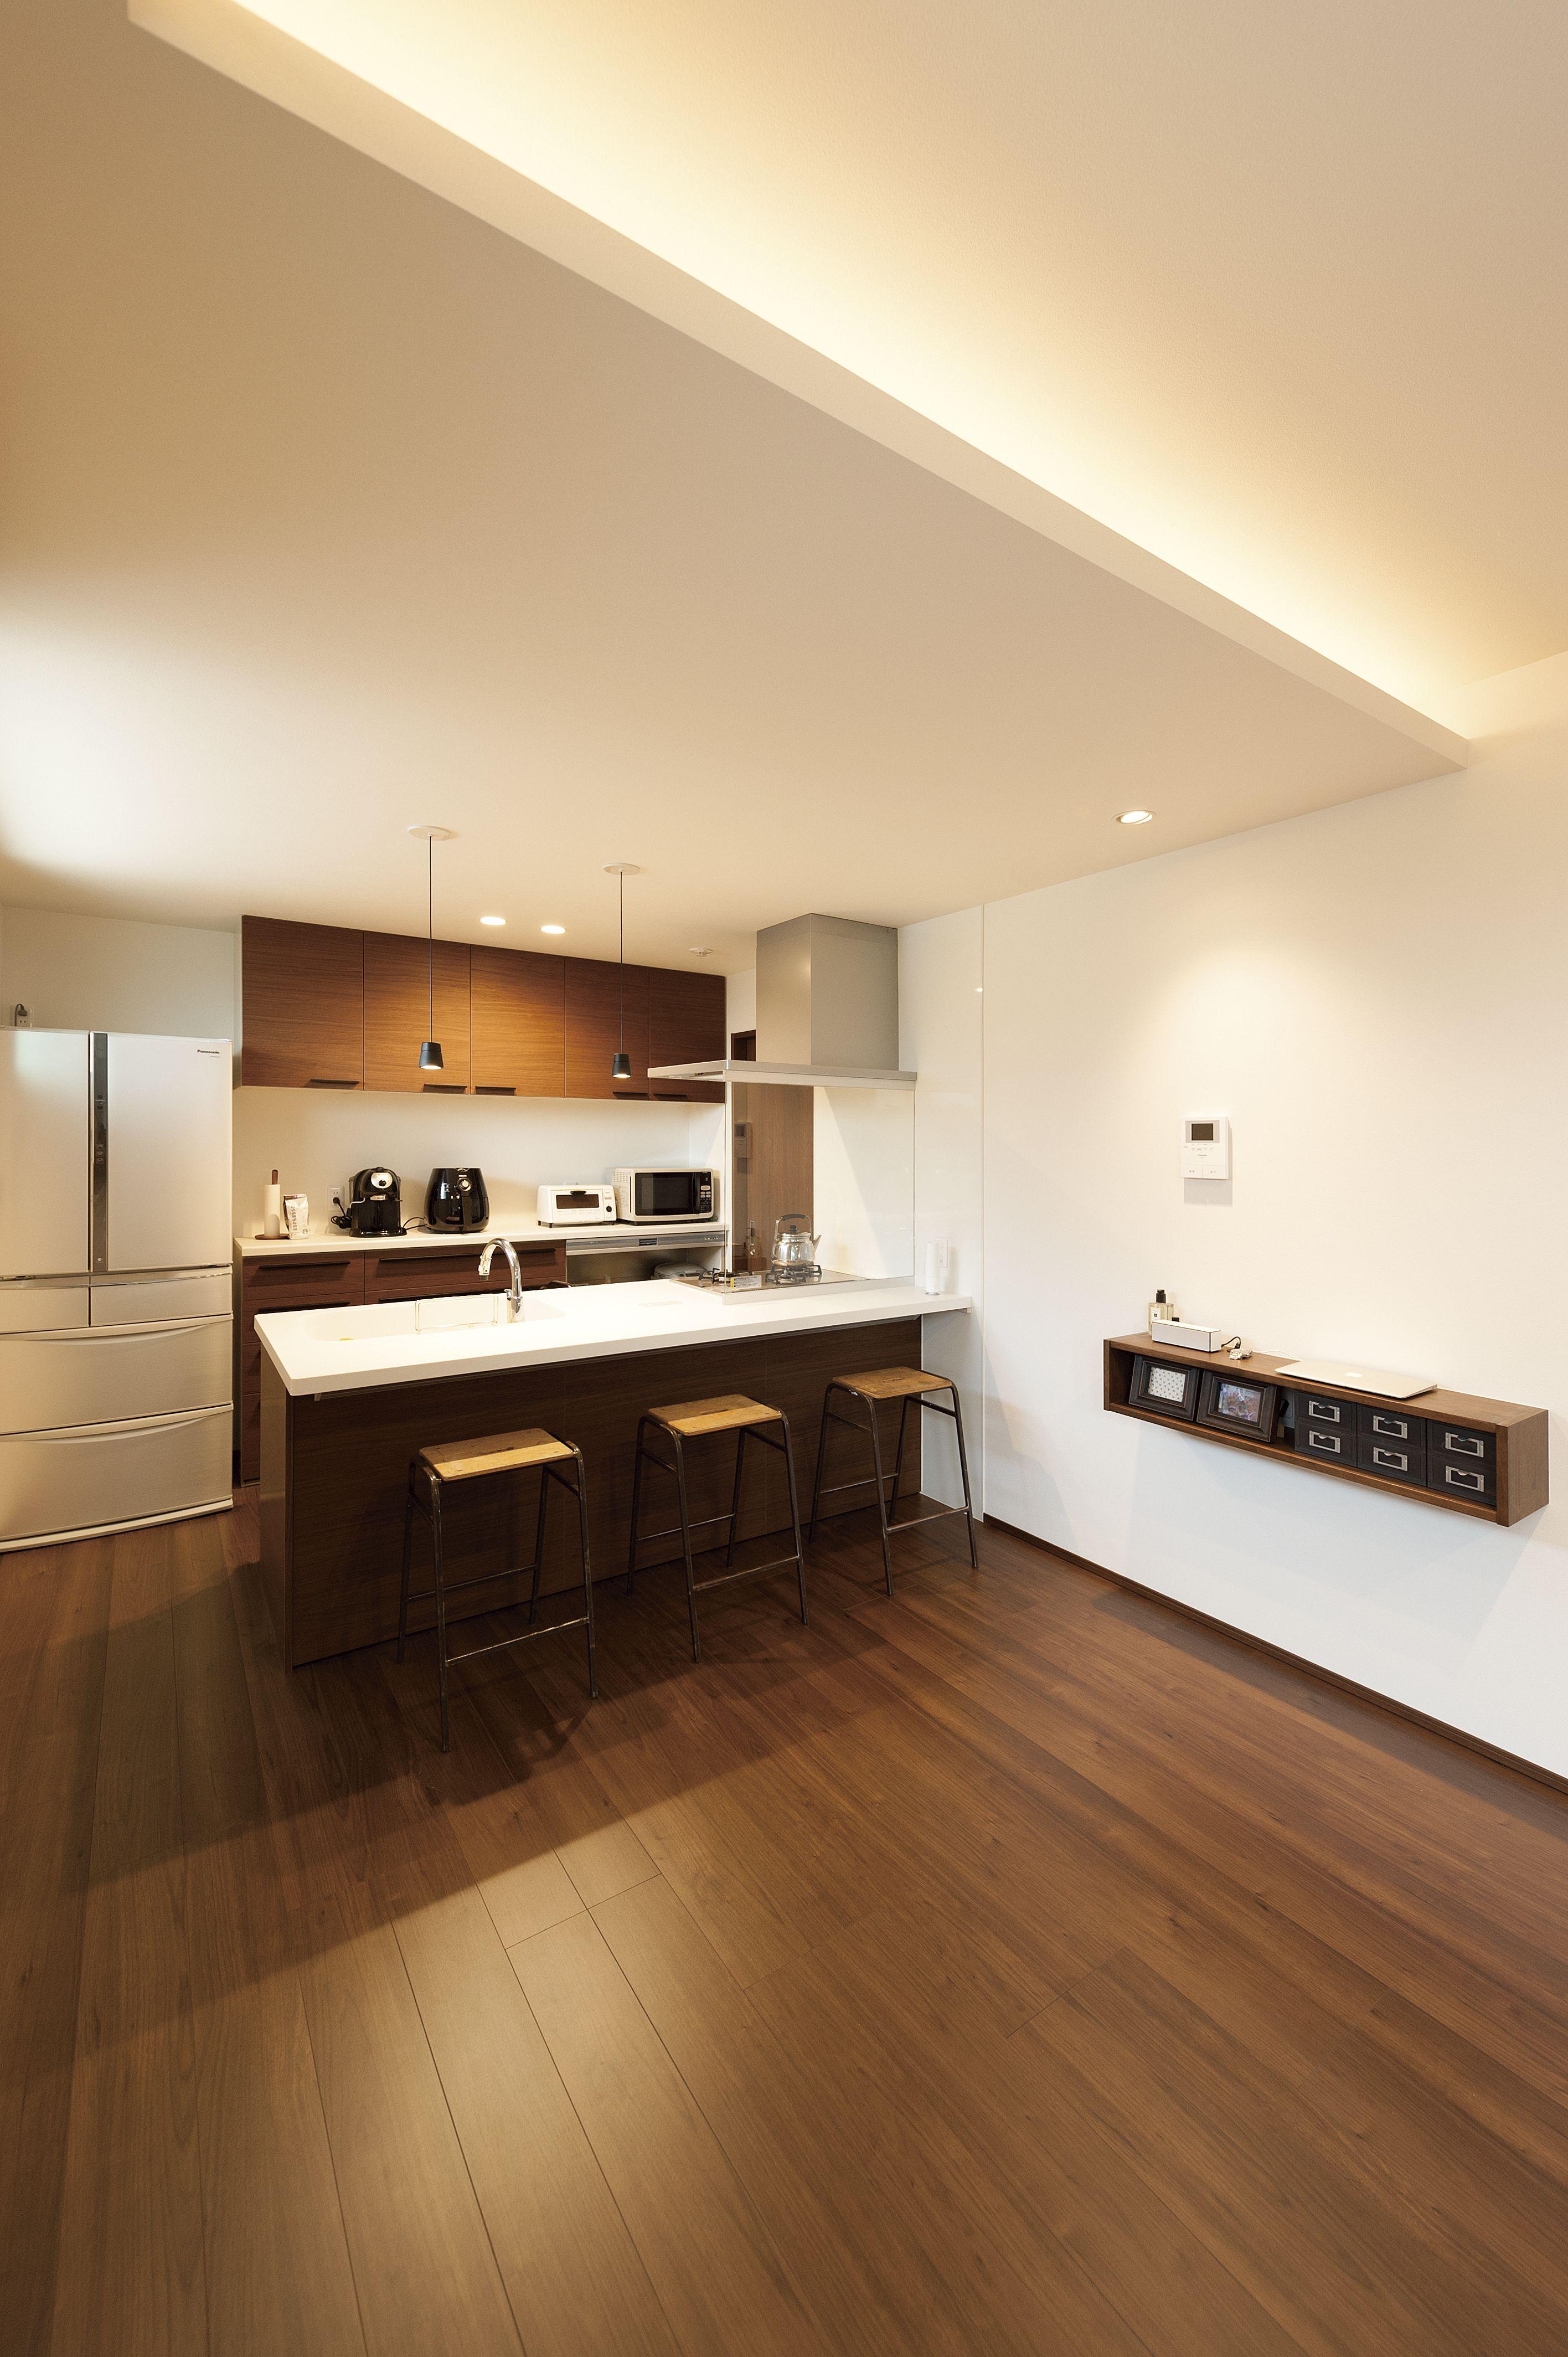 家事ラク動線でスッキリ快適に暮らす家 京都で注文住宅を建てるデザオ